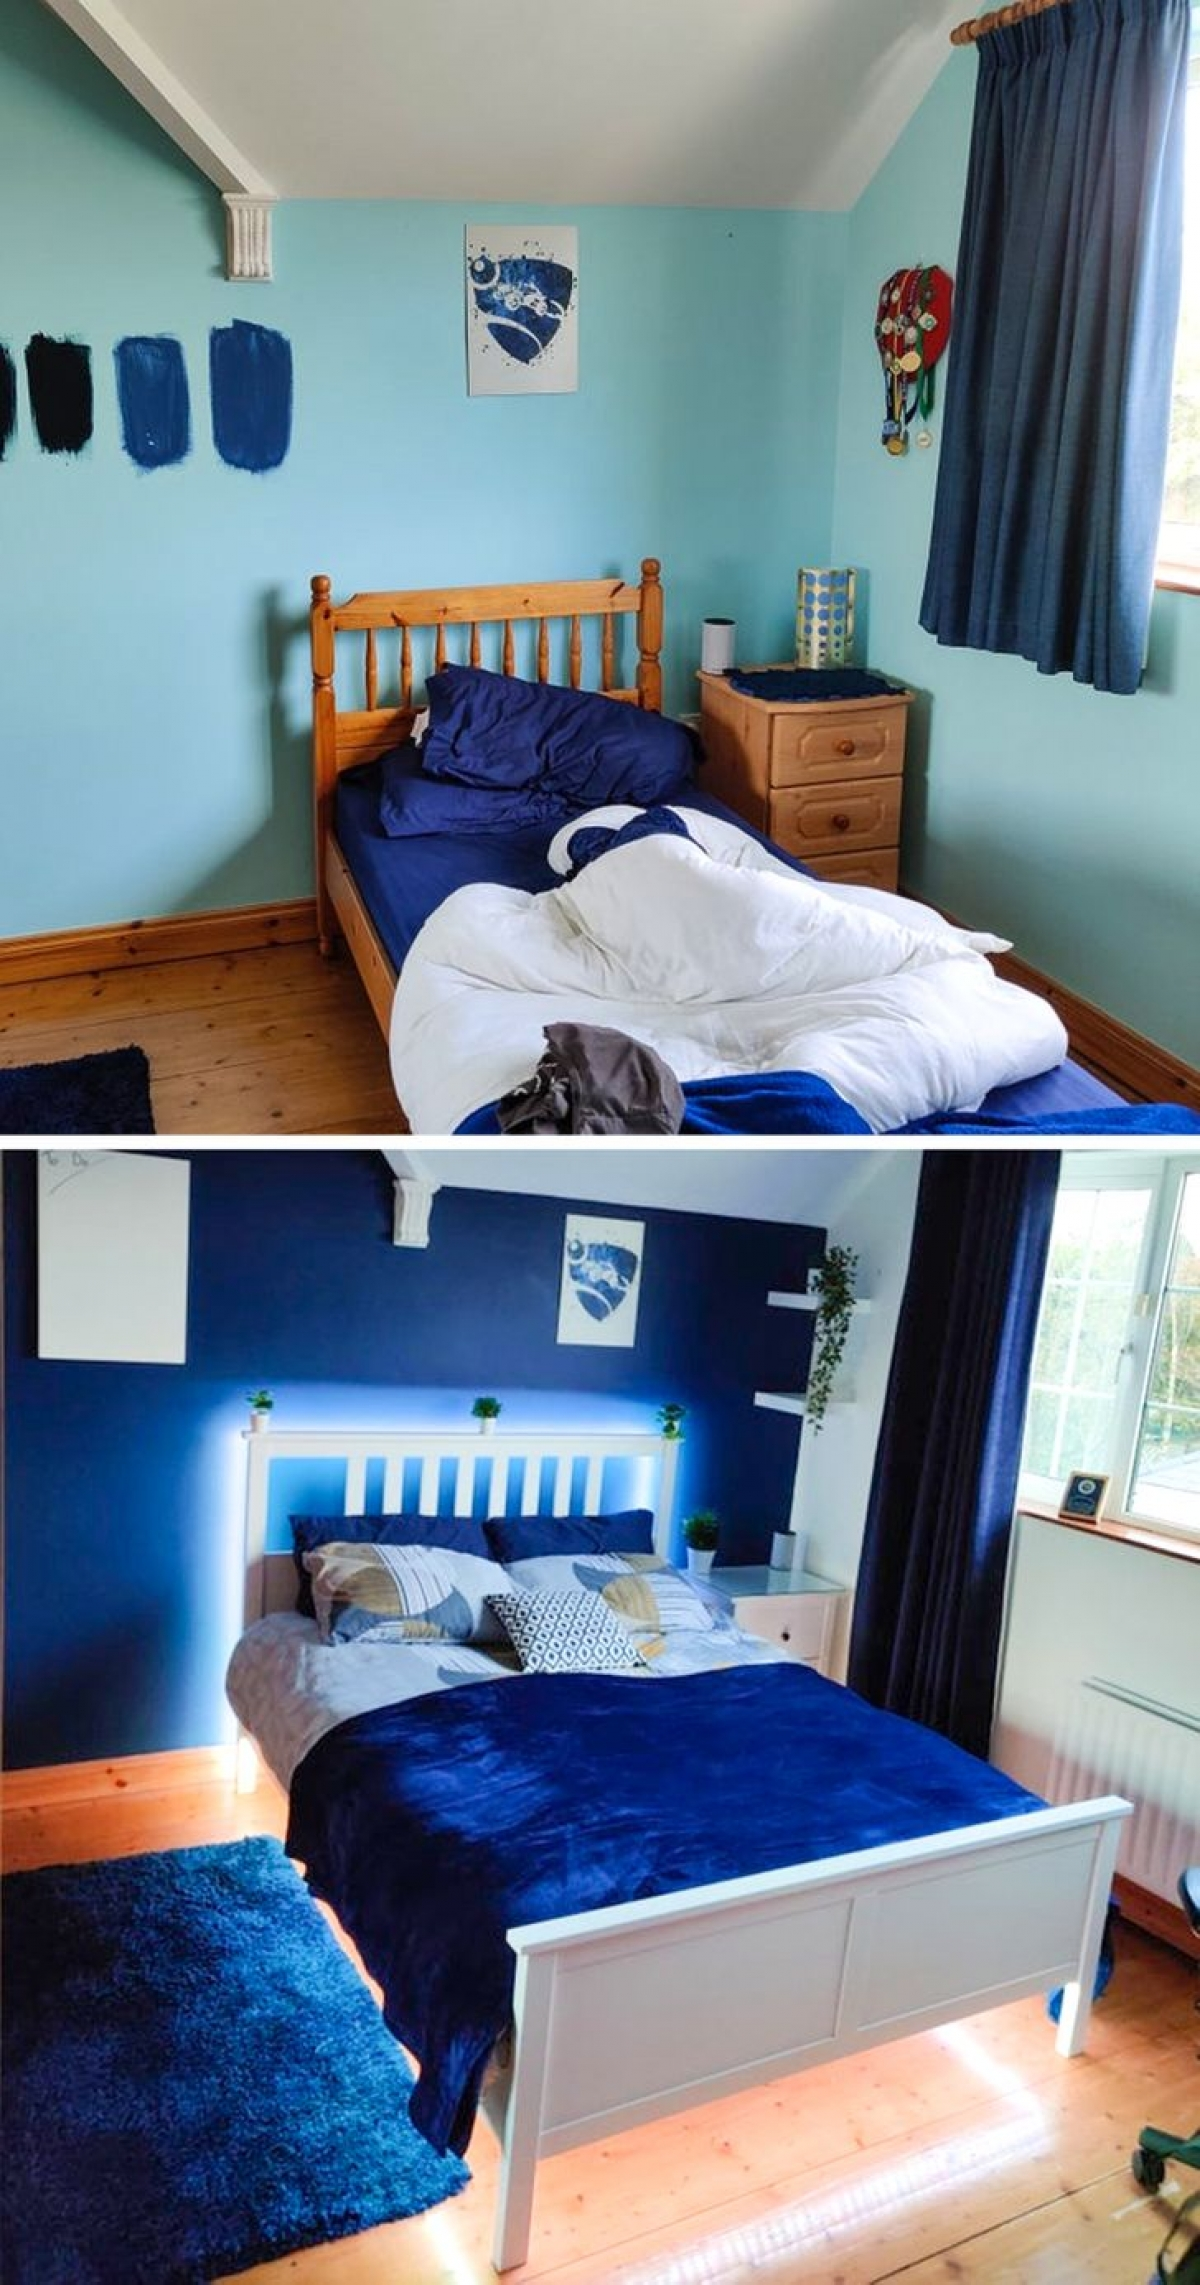 Phòng ngủ trước và sau quá khác biệt nhờ ý tưởng thông minh và sáng tạo./.